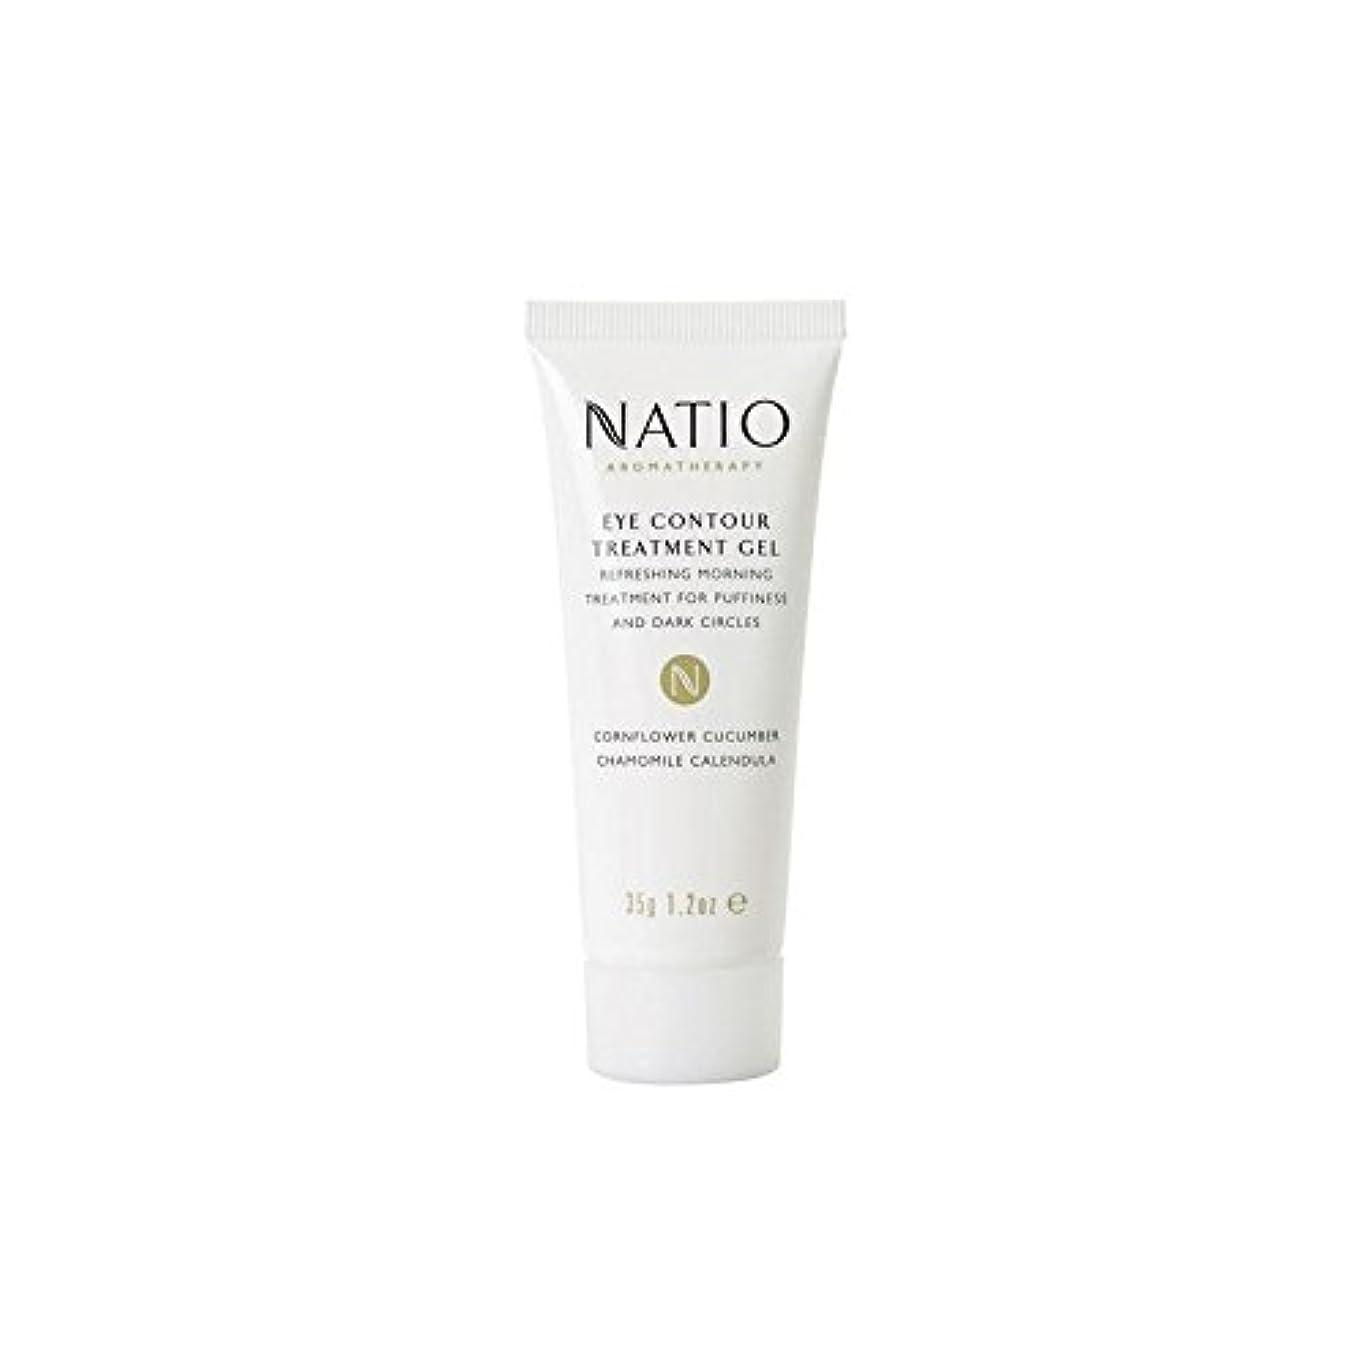 保守可能学習ドラム眼輪郭処理ゲル(35グラム) x4 - Natio Eye Contour Treatment Gel (35G) (Pack of 4) [並行輸入品]